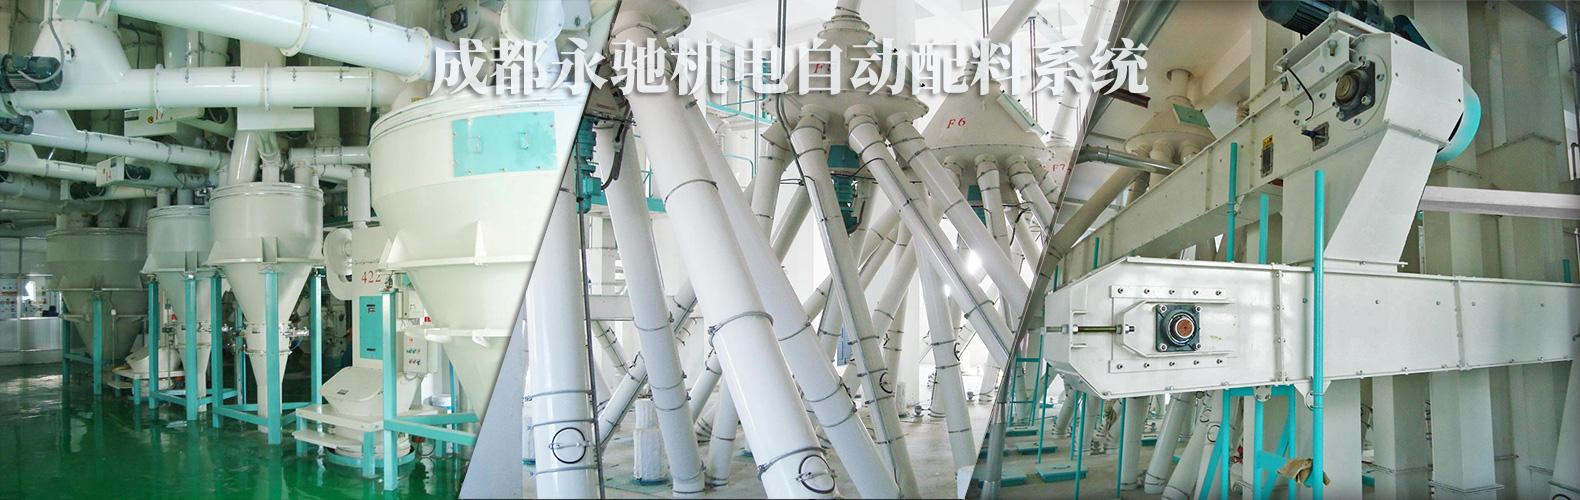 四川必威注册的betway88官网手机版下载生产线全自动配料系统